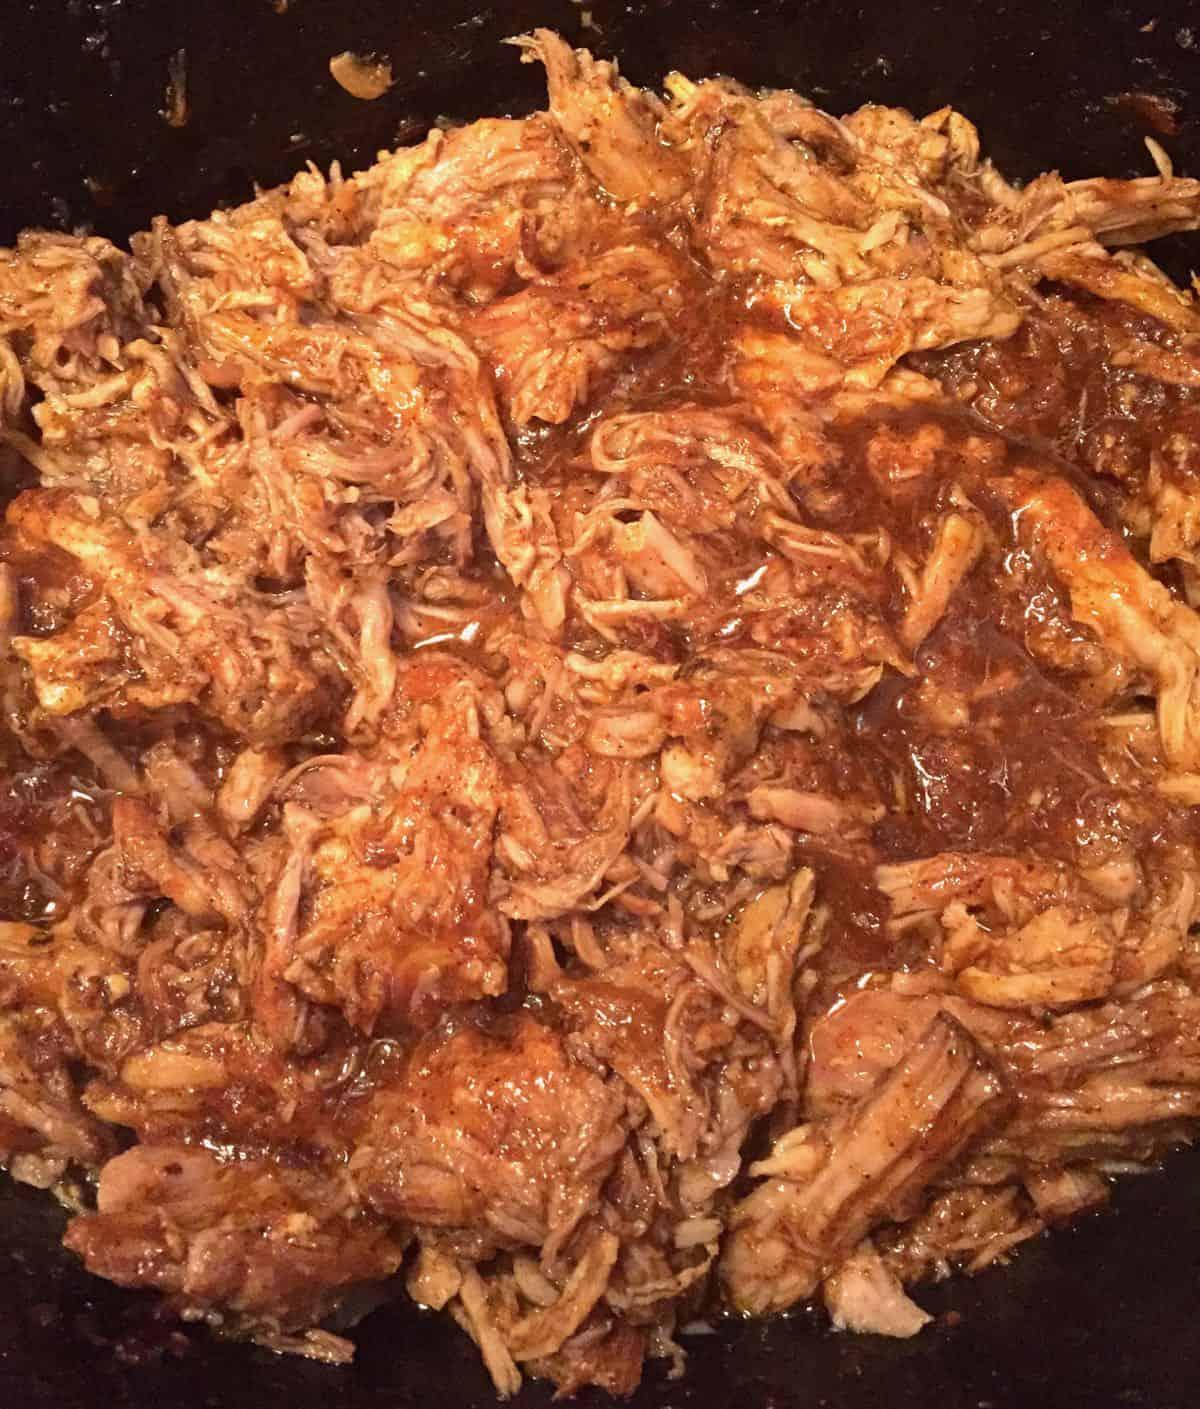 Shredded pulled pork in a crock-pot.